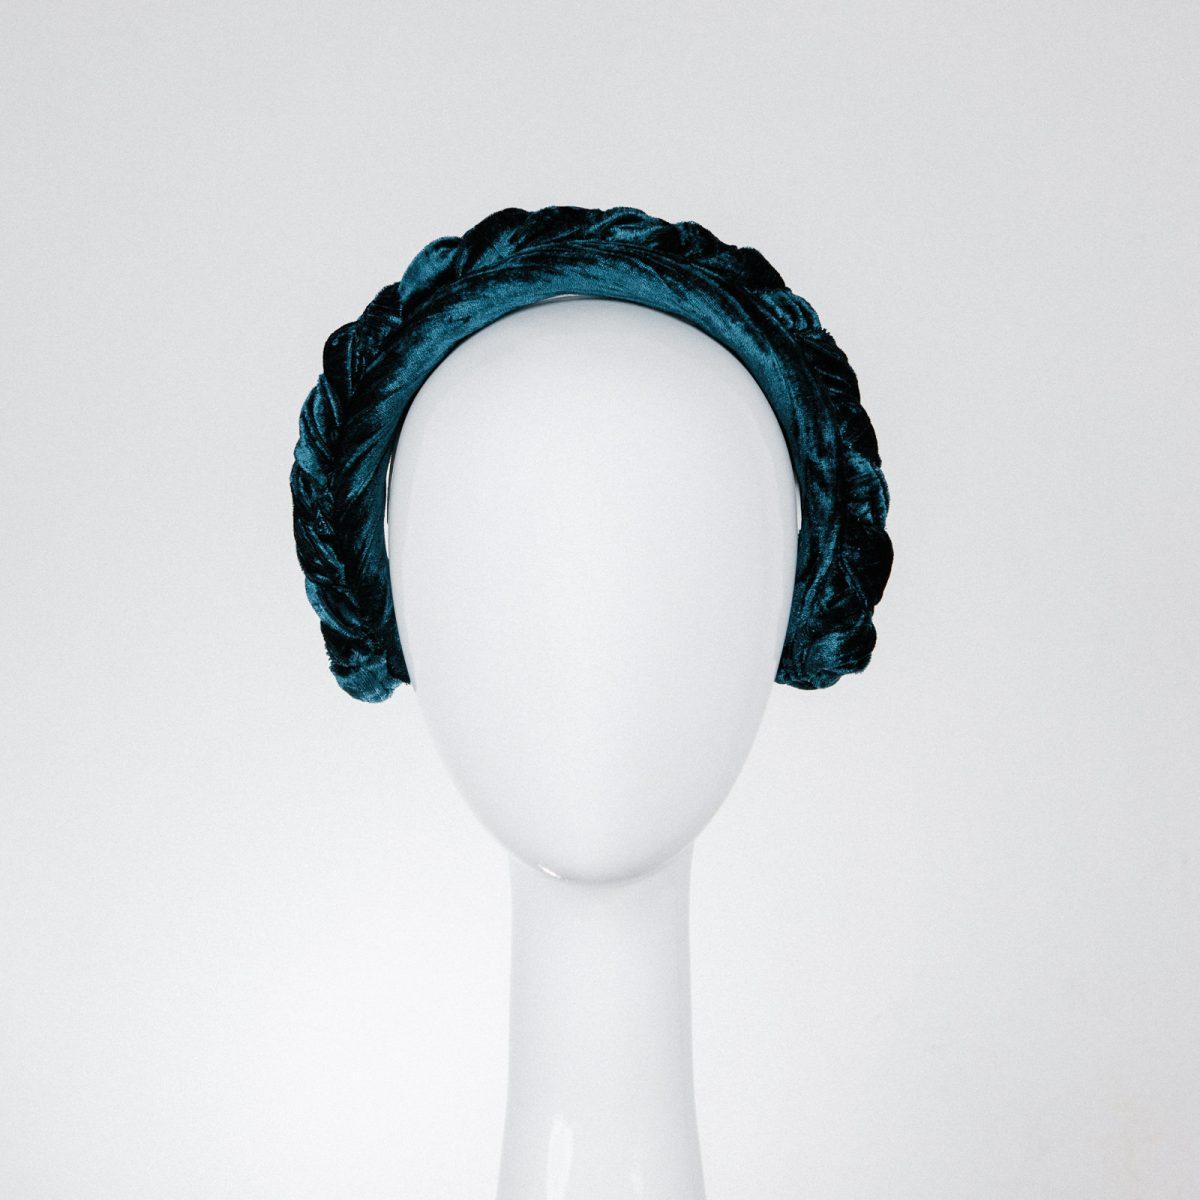 Braided Teal Blue Velvet Headband